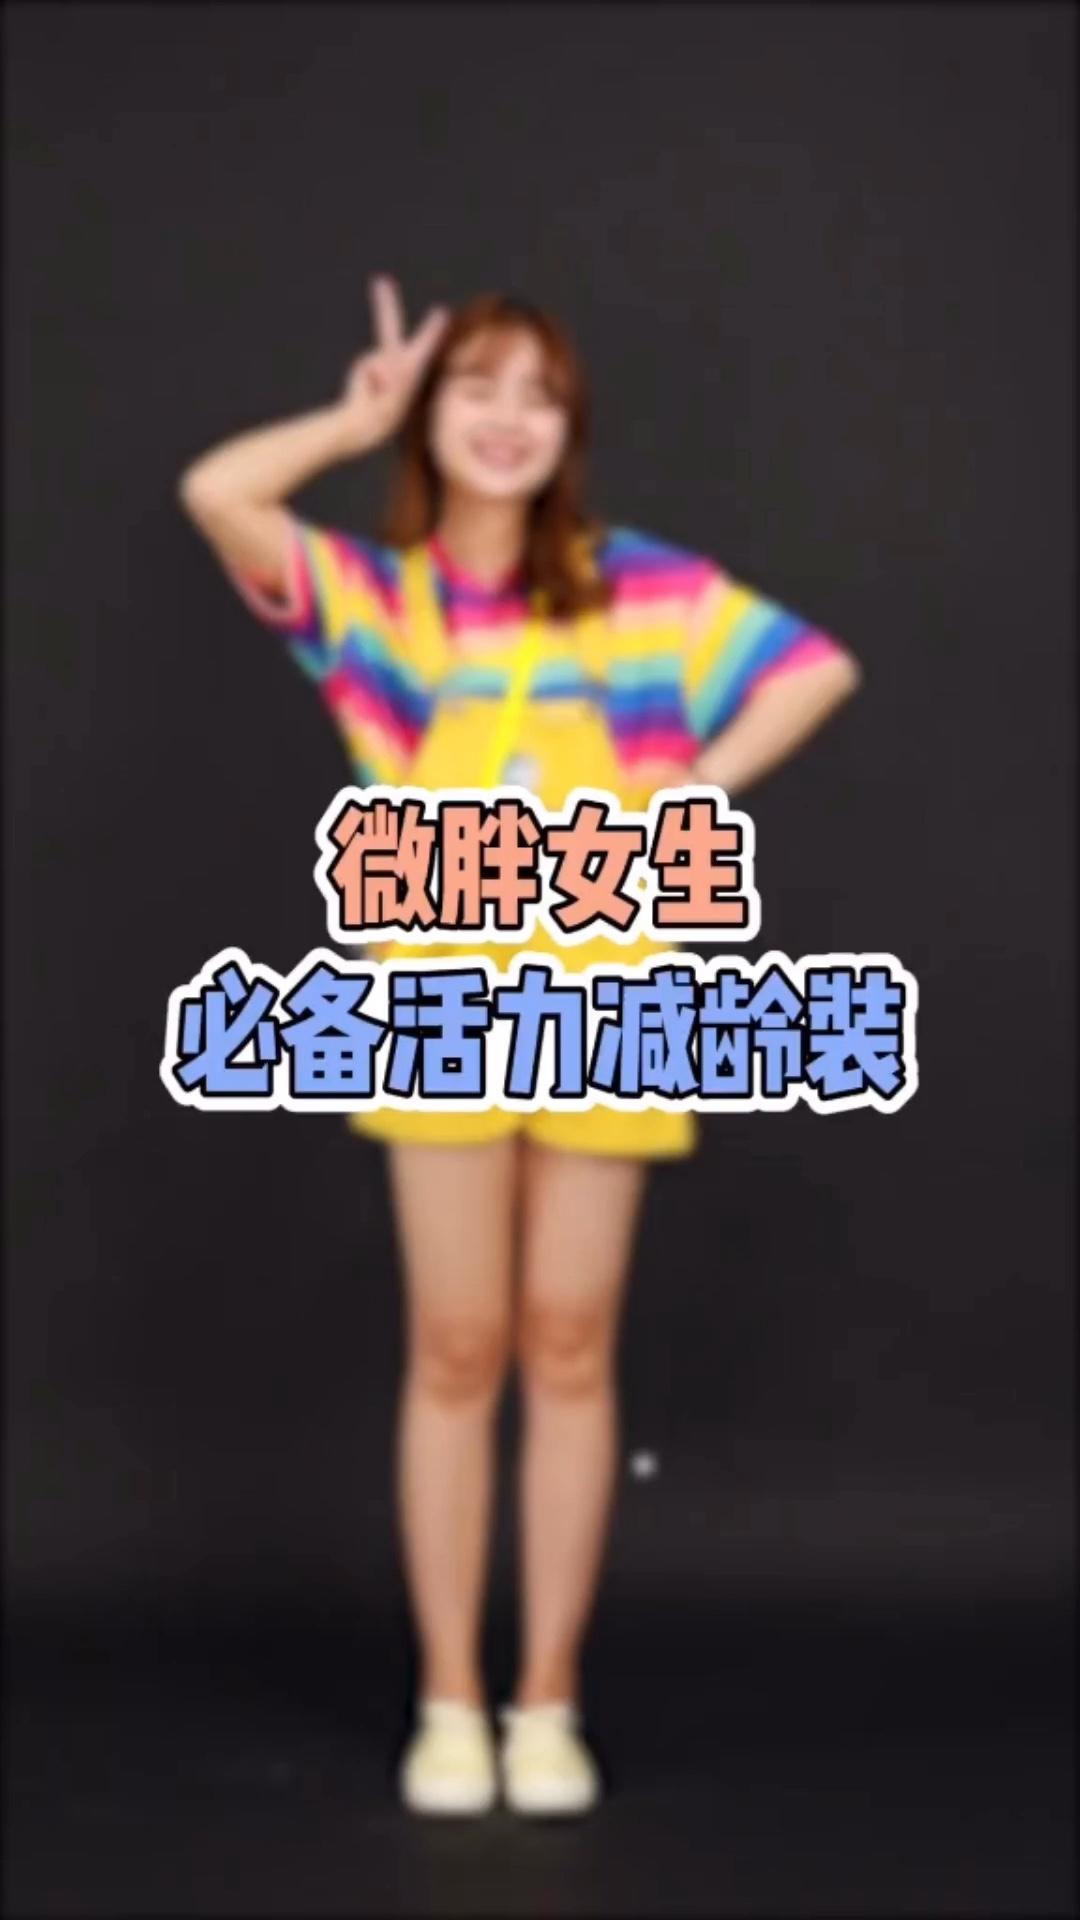 谁穿谁好看系列,小仙女一定要有一件哦!七色彩虹跟这个夏天最般配😄#想被街拍?最上镜穿搭学起来!#